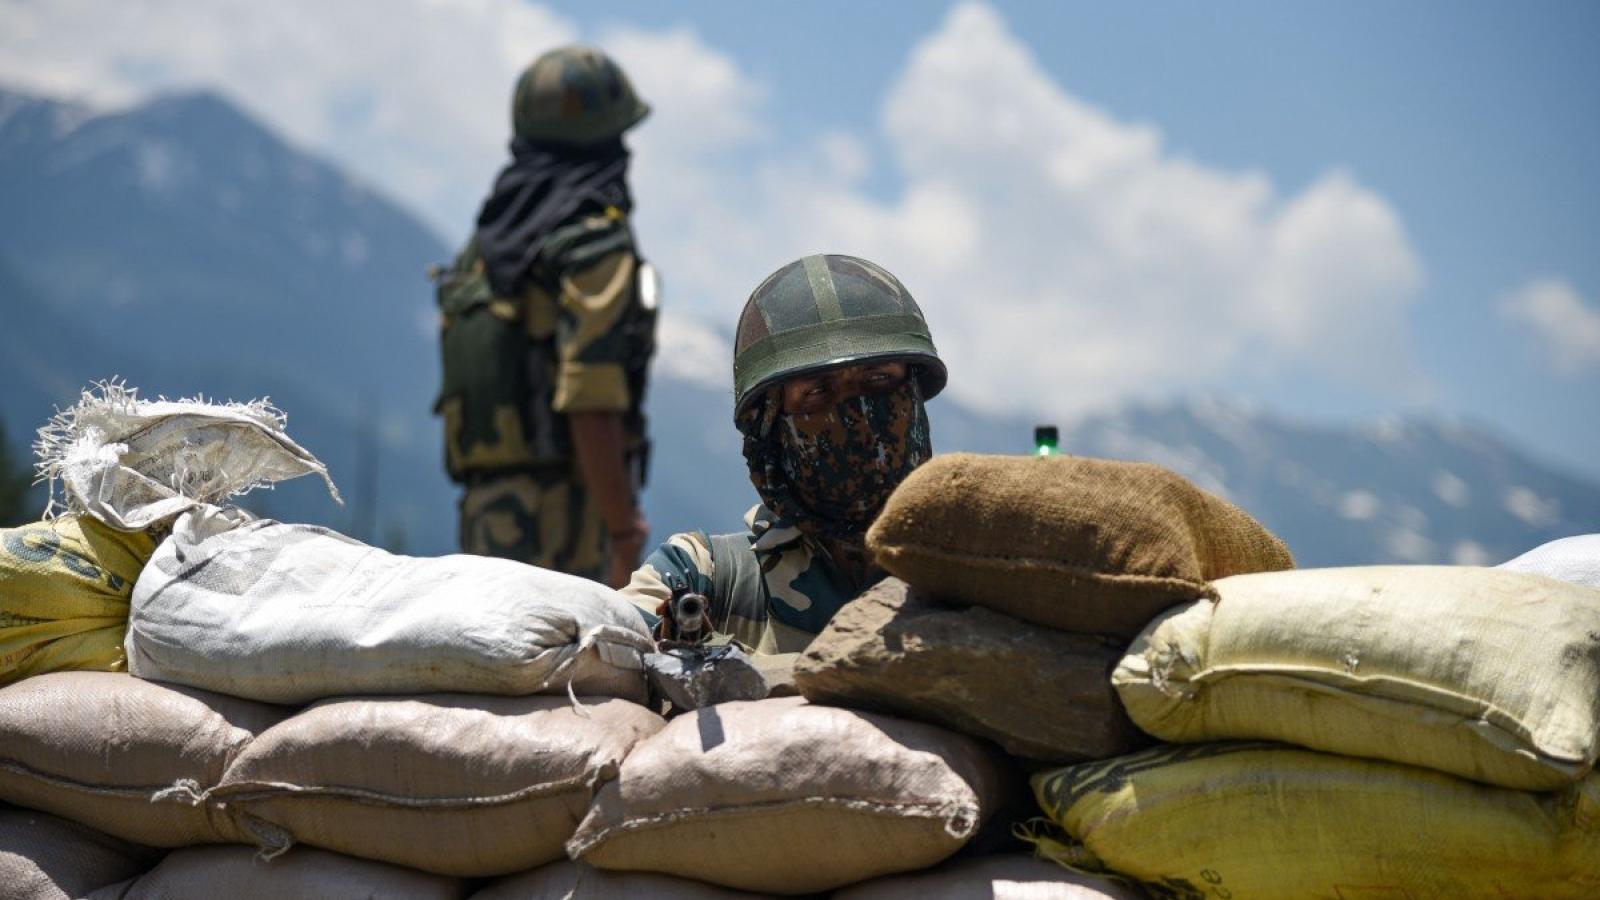 Ấn Độ tố Trung Quốc tiếp tục triển khai lực lượng sát biên giới